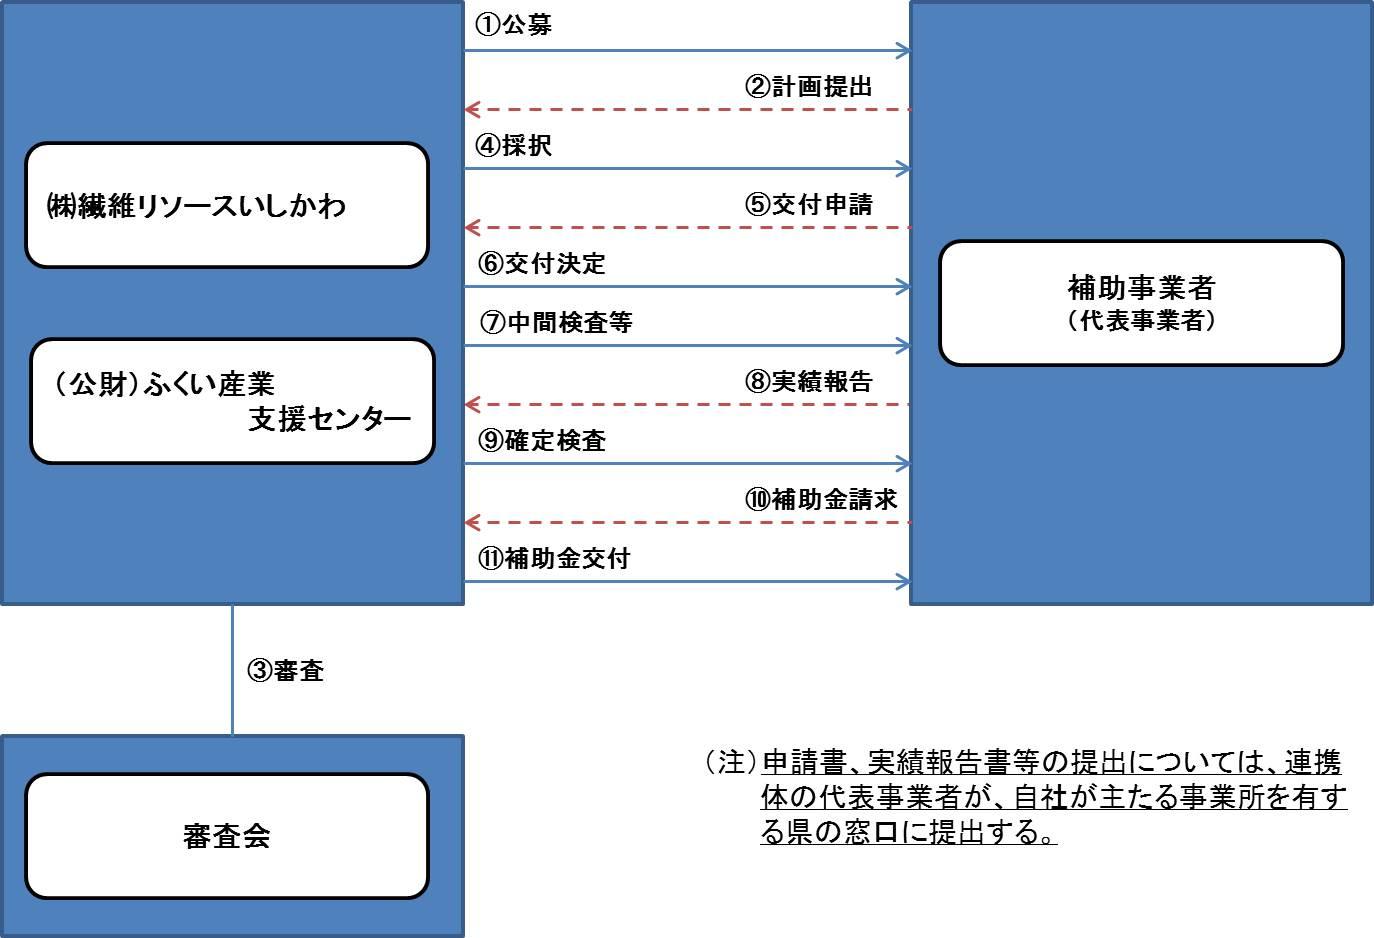 seni_renkei_flow.jpg